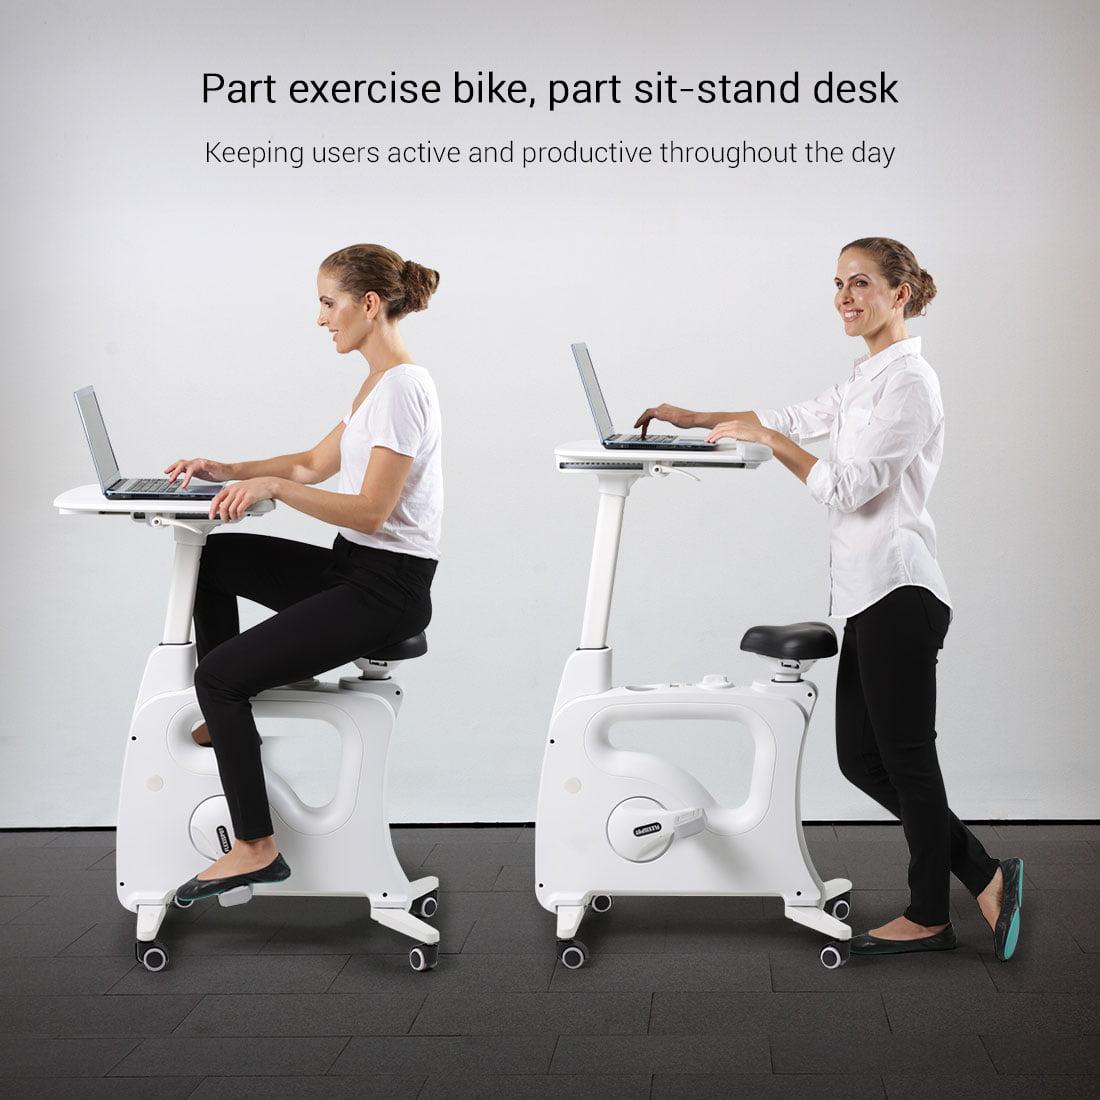 Flexispot Home Office Standing Desk, Standing Desk Stationary Bike